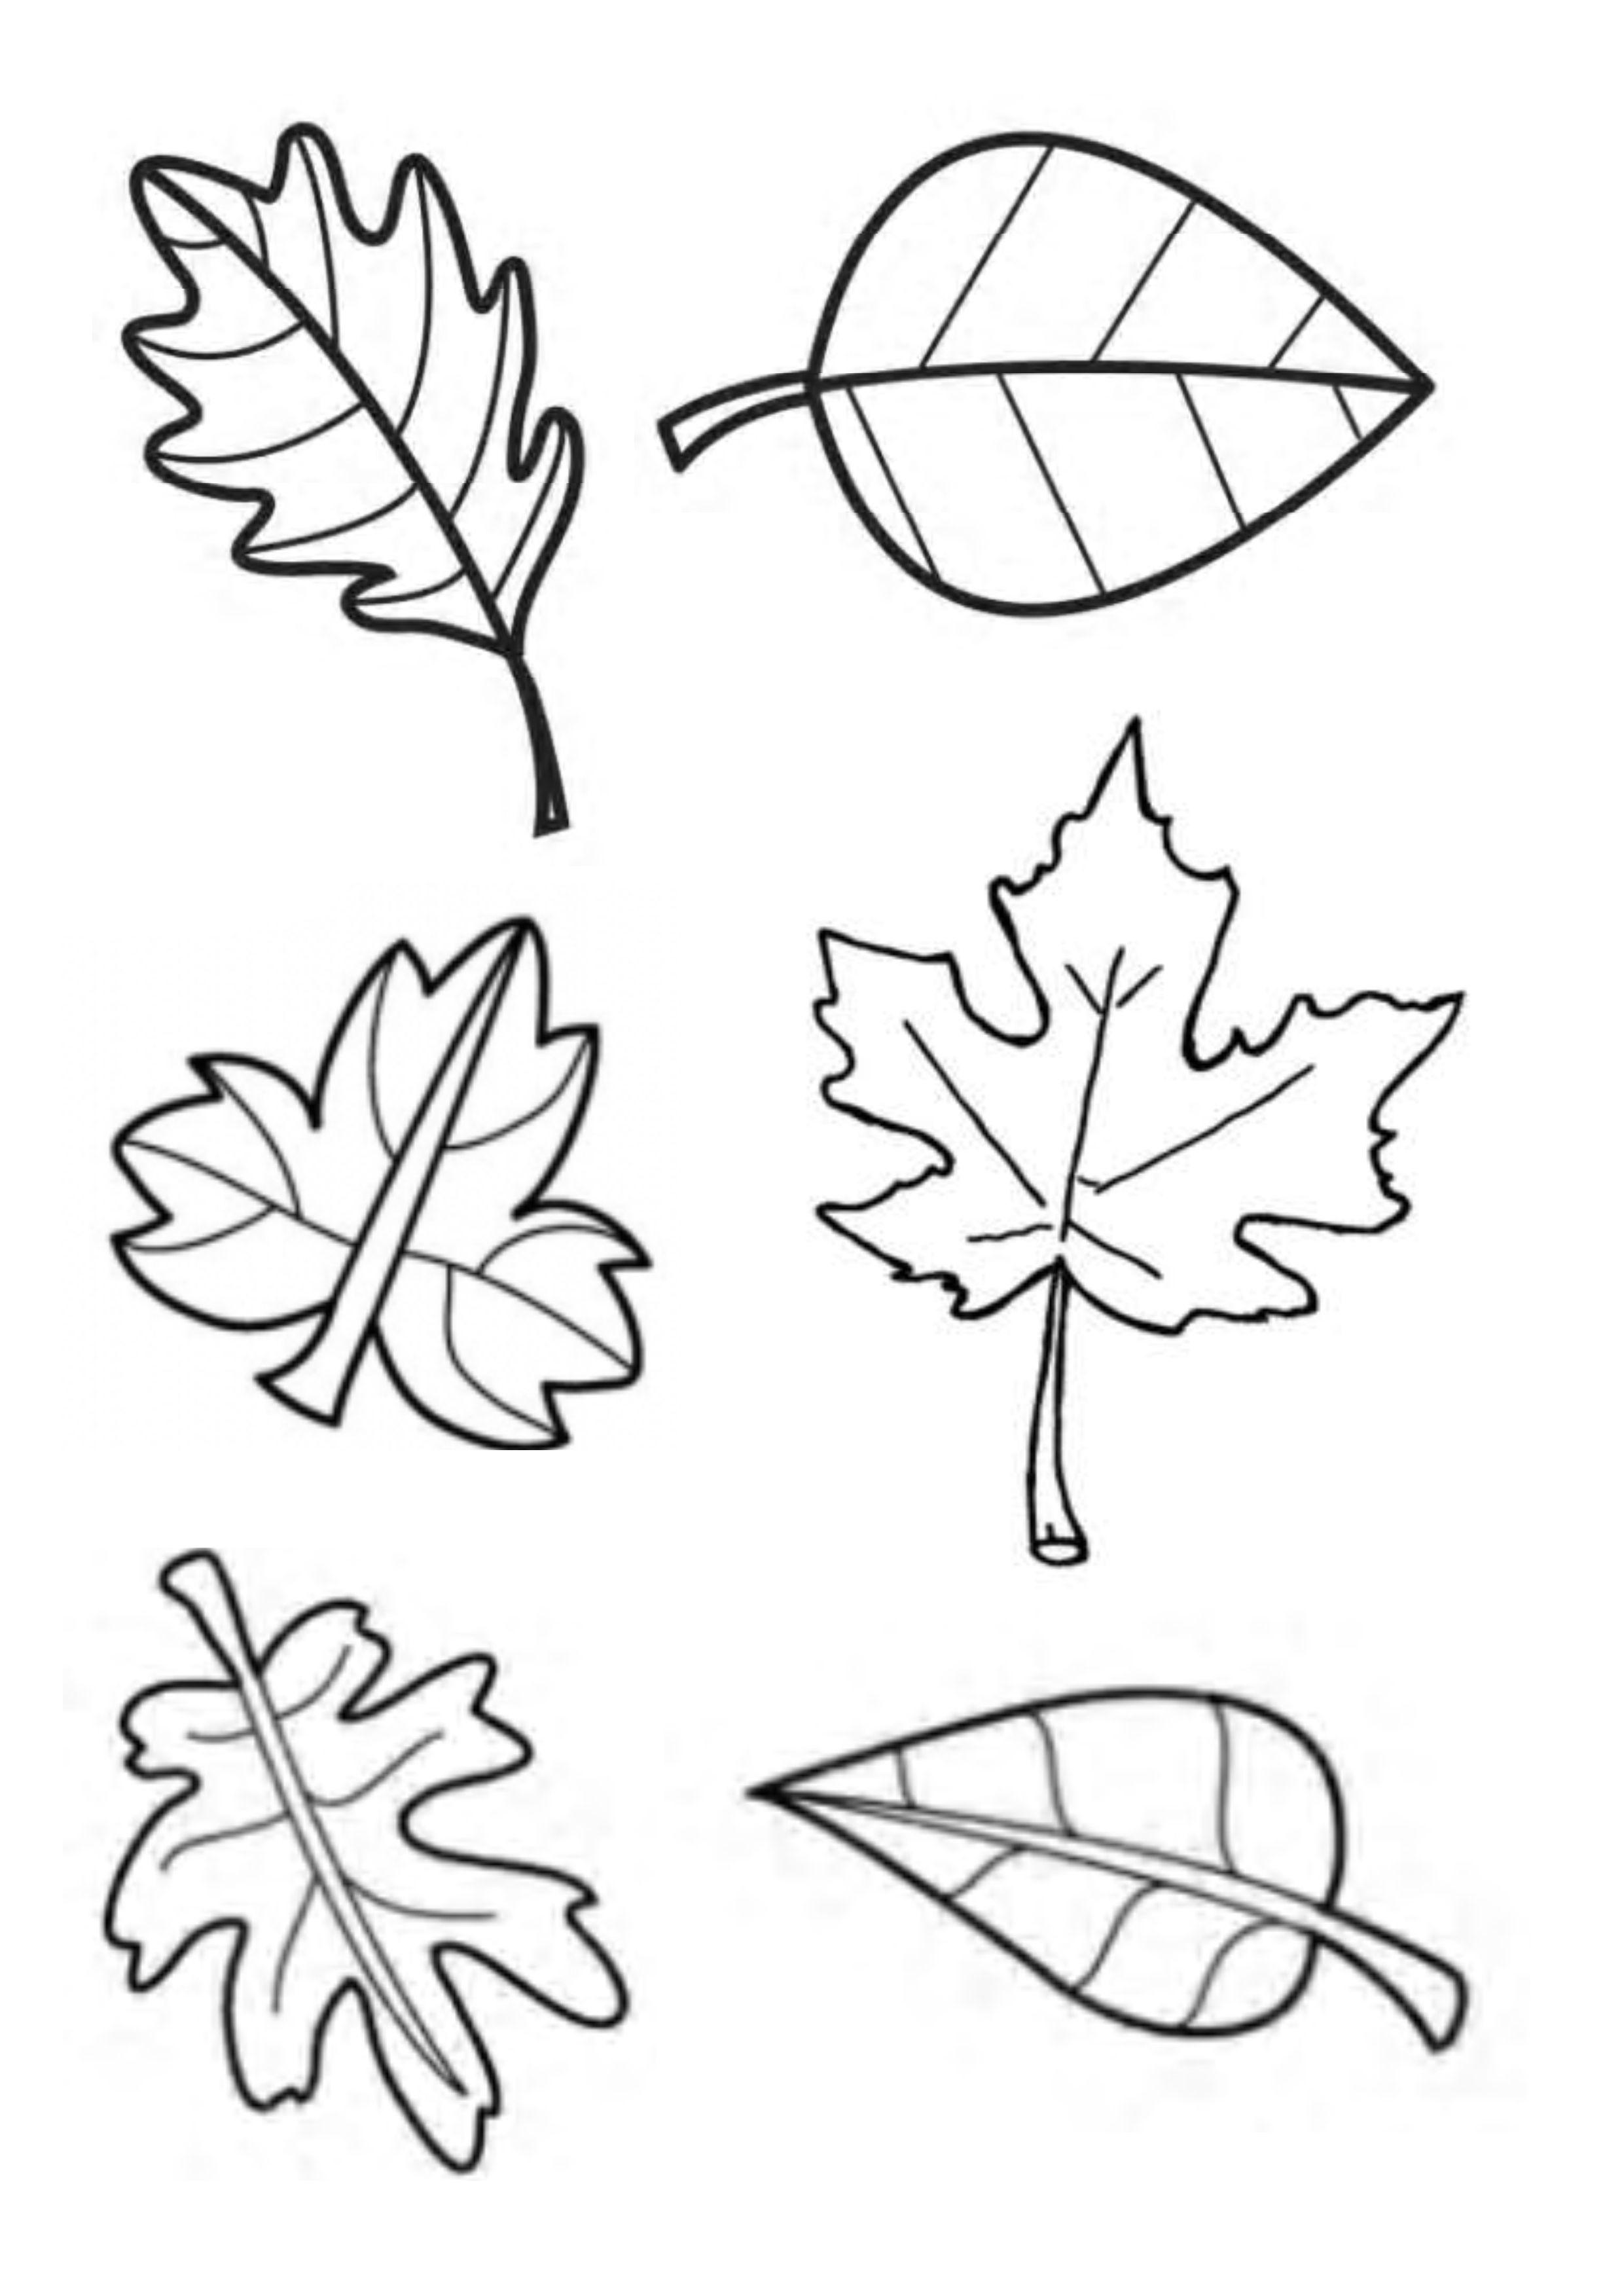 Gabarit feuilles d 39 automne pour tableau collectif - Dessin feuilles ...